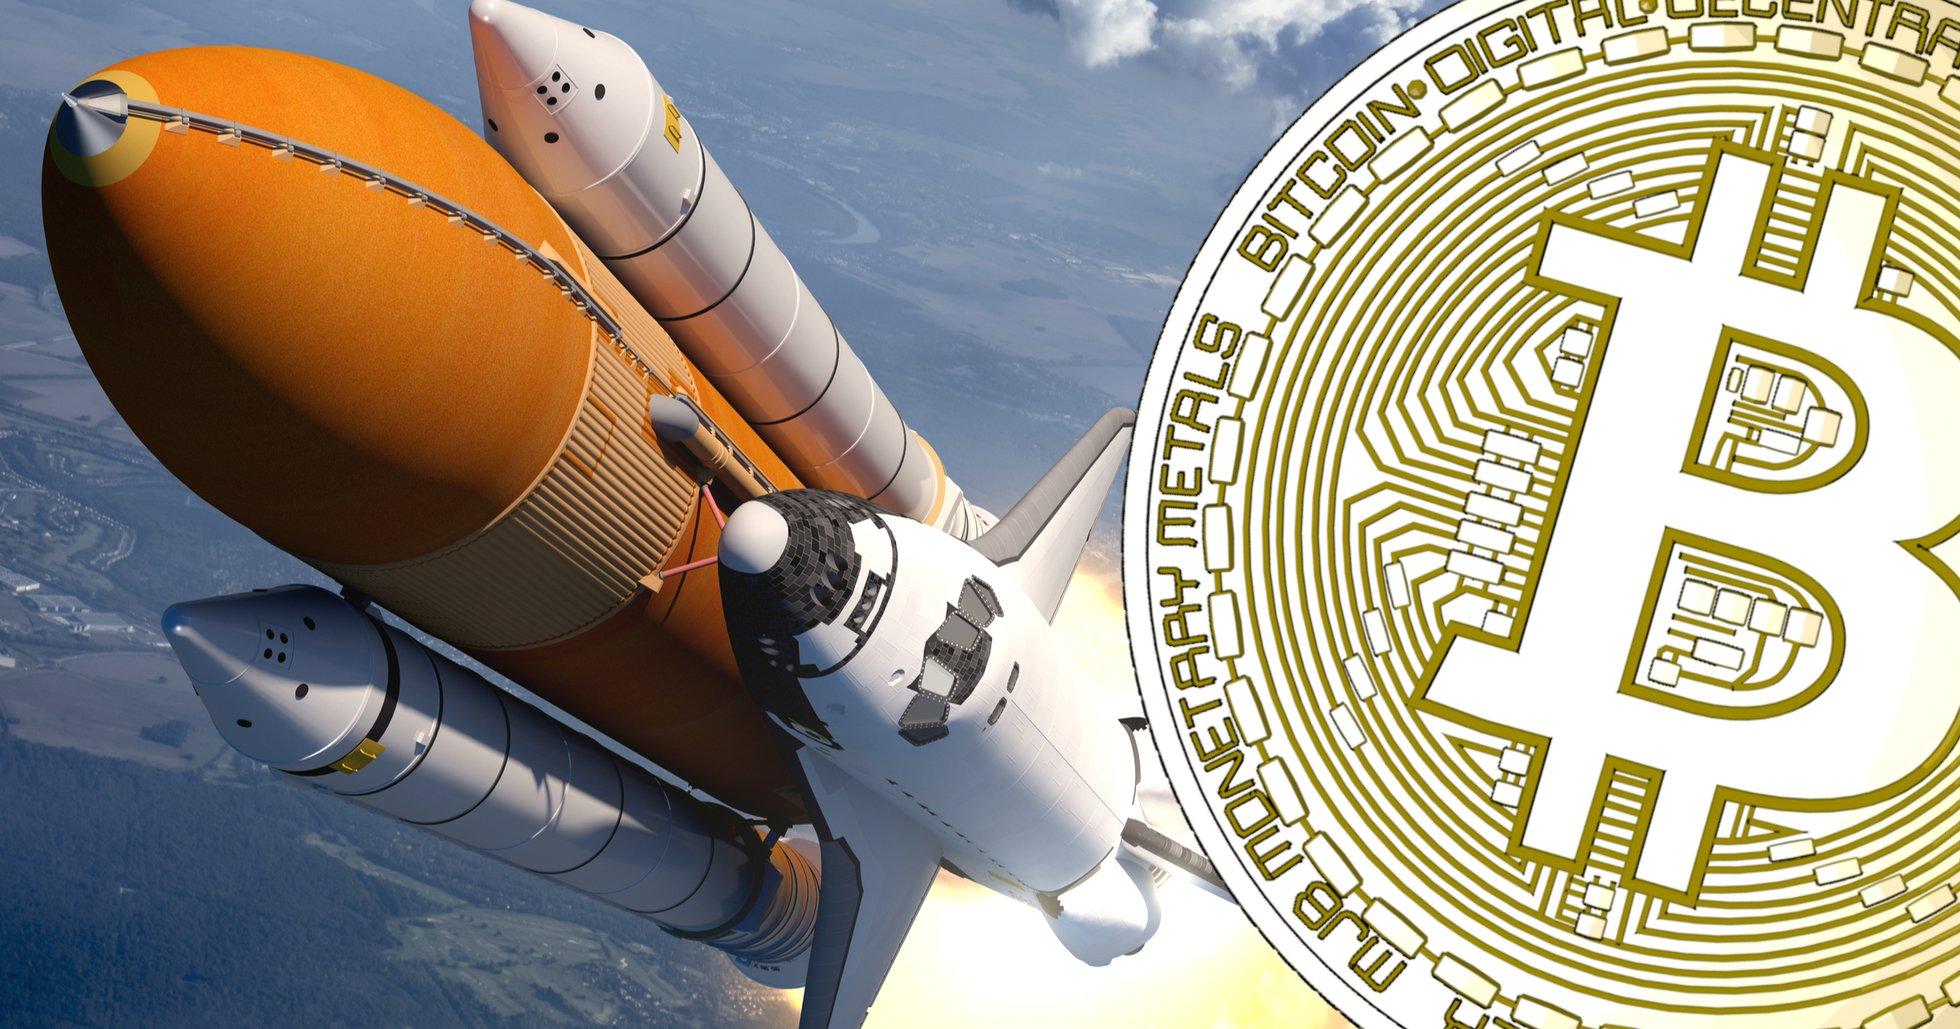 Bitcoinpriset rusar mot 8 000 dollar – har ökat över 23 procent på två veckor.